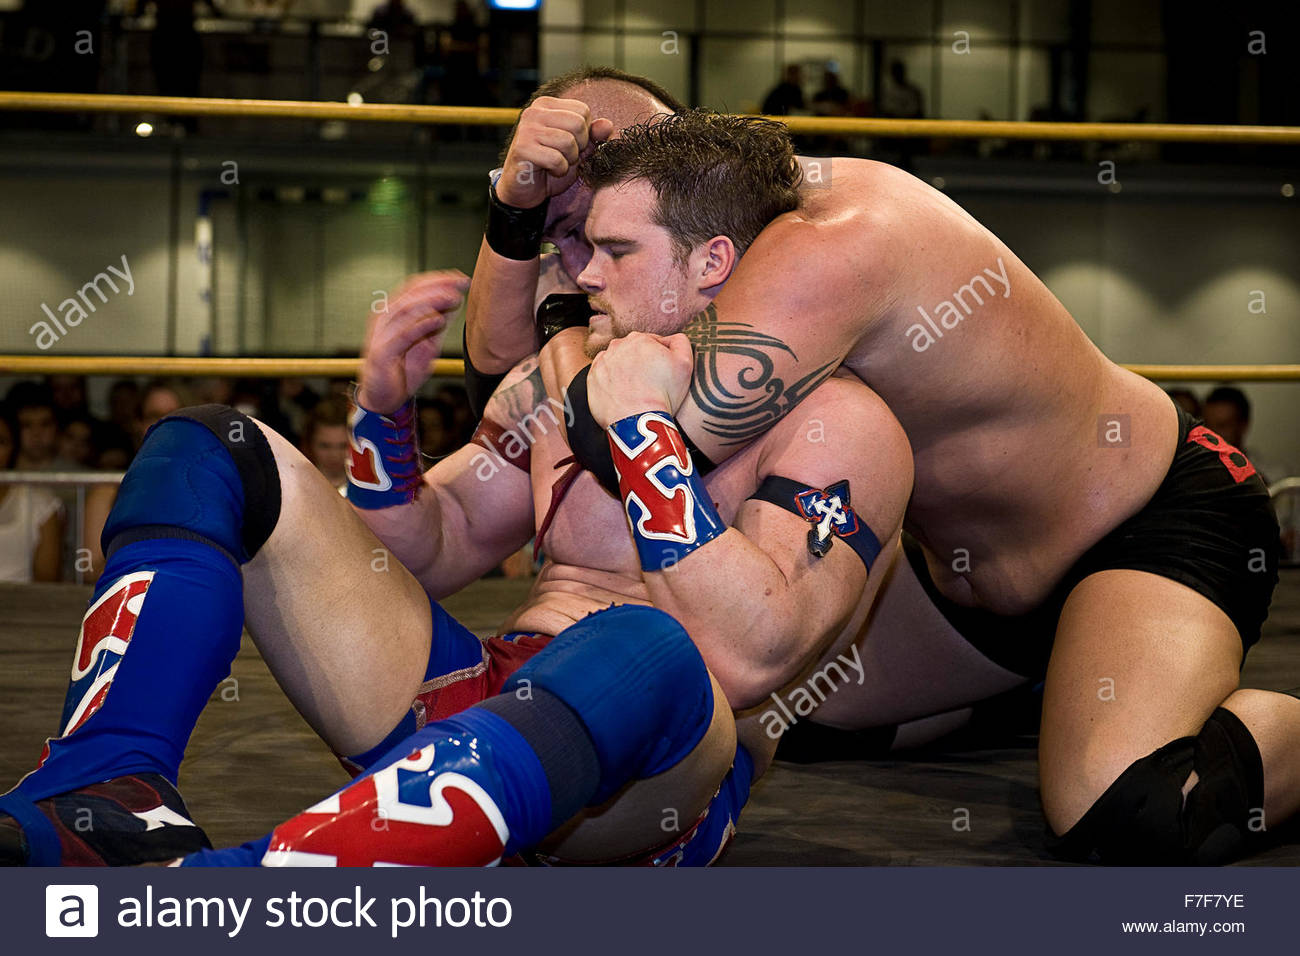 Wrestling Immagini Stock